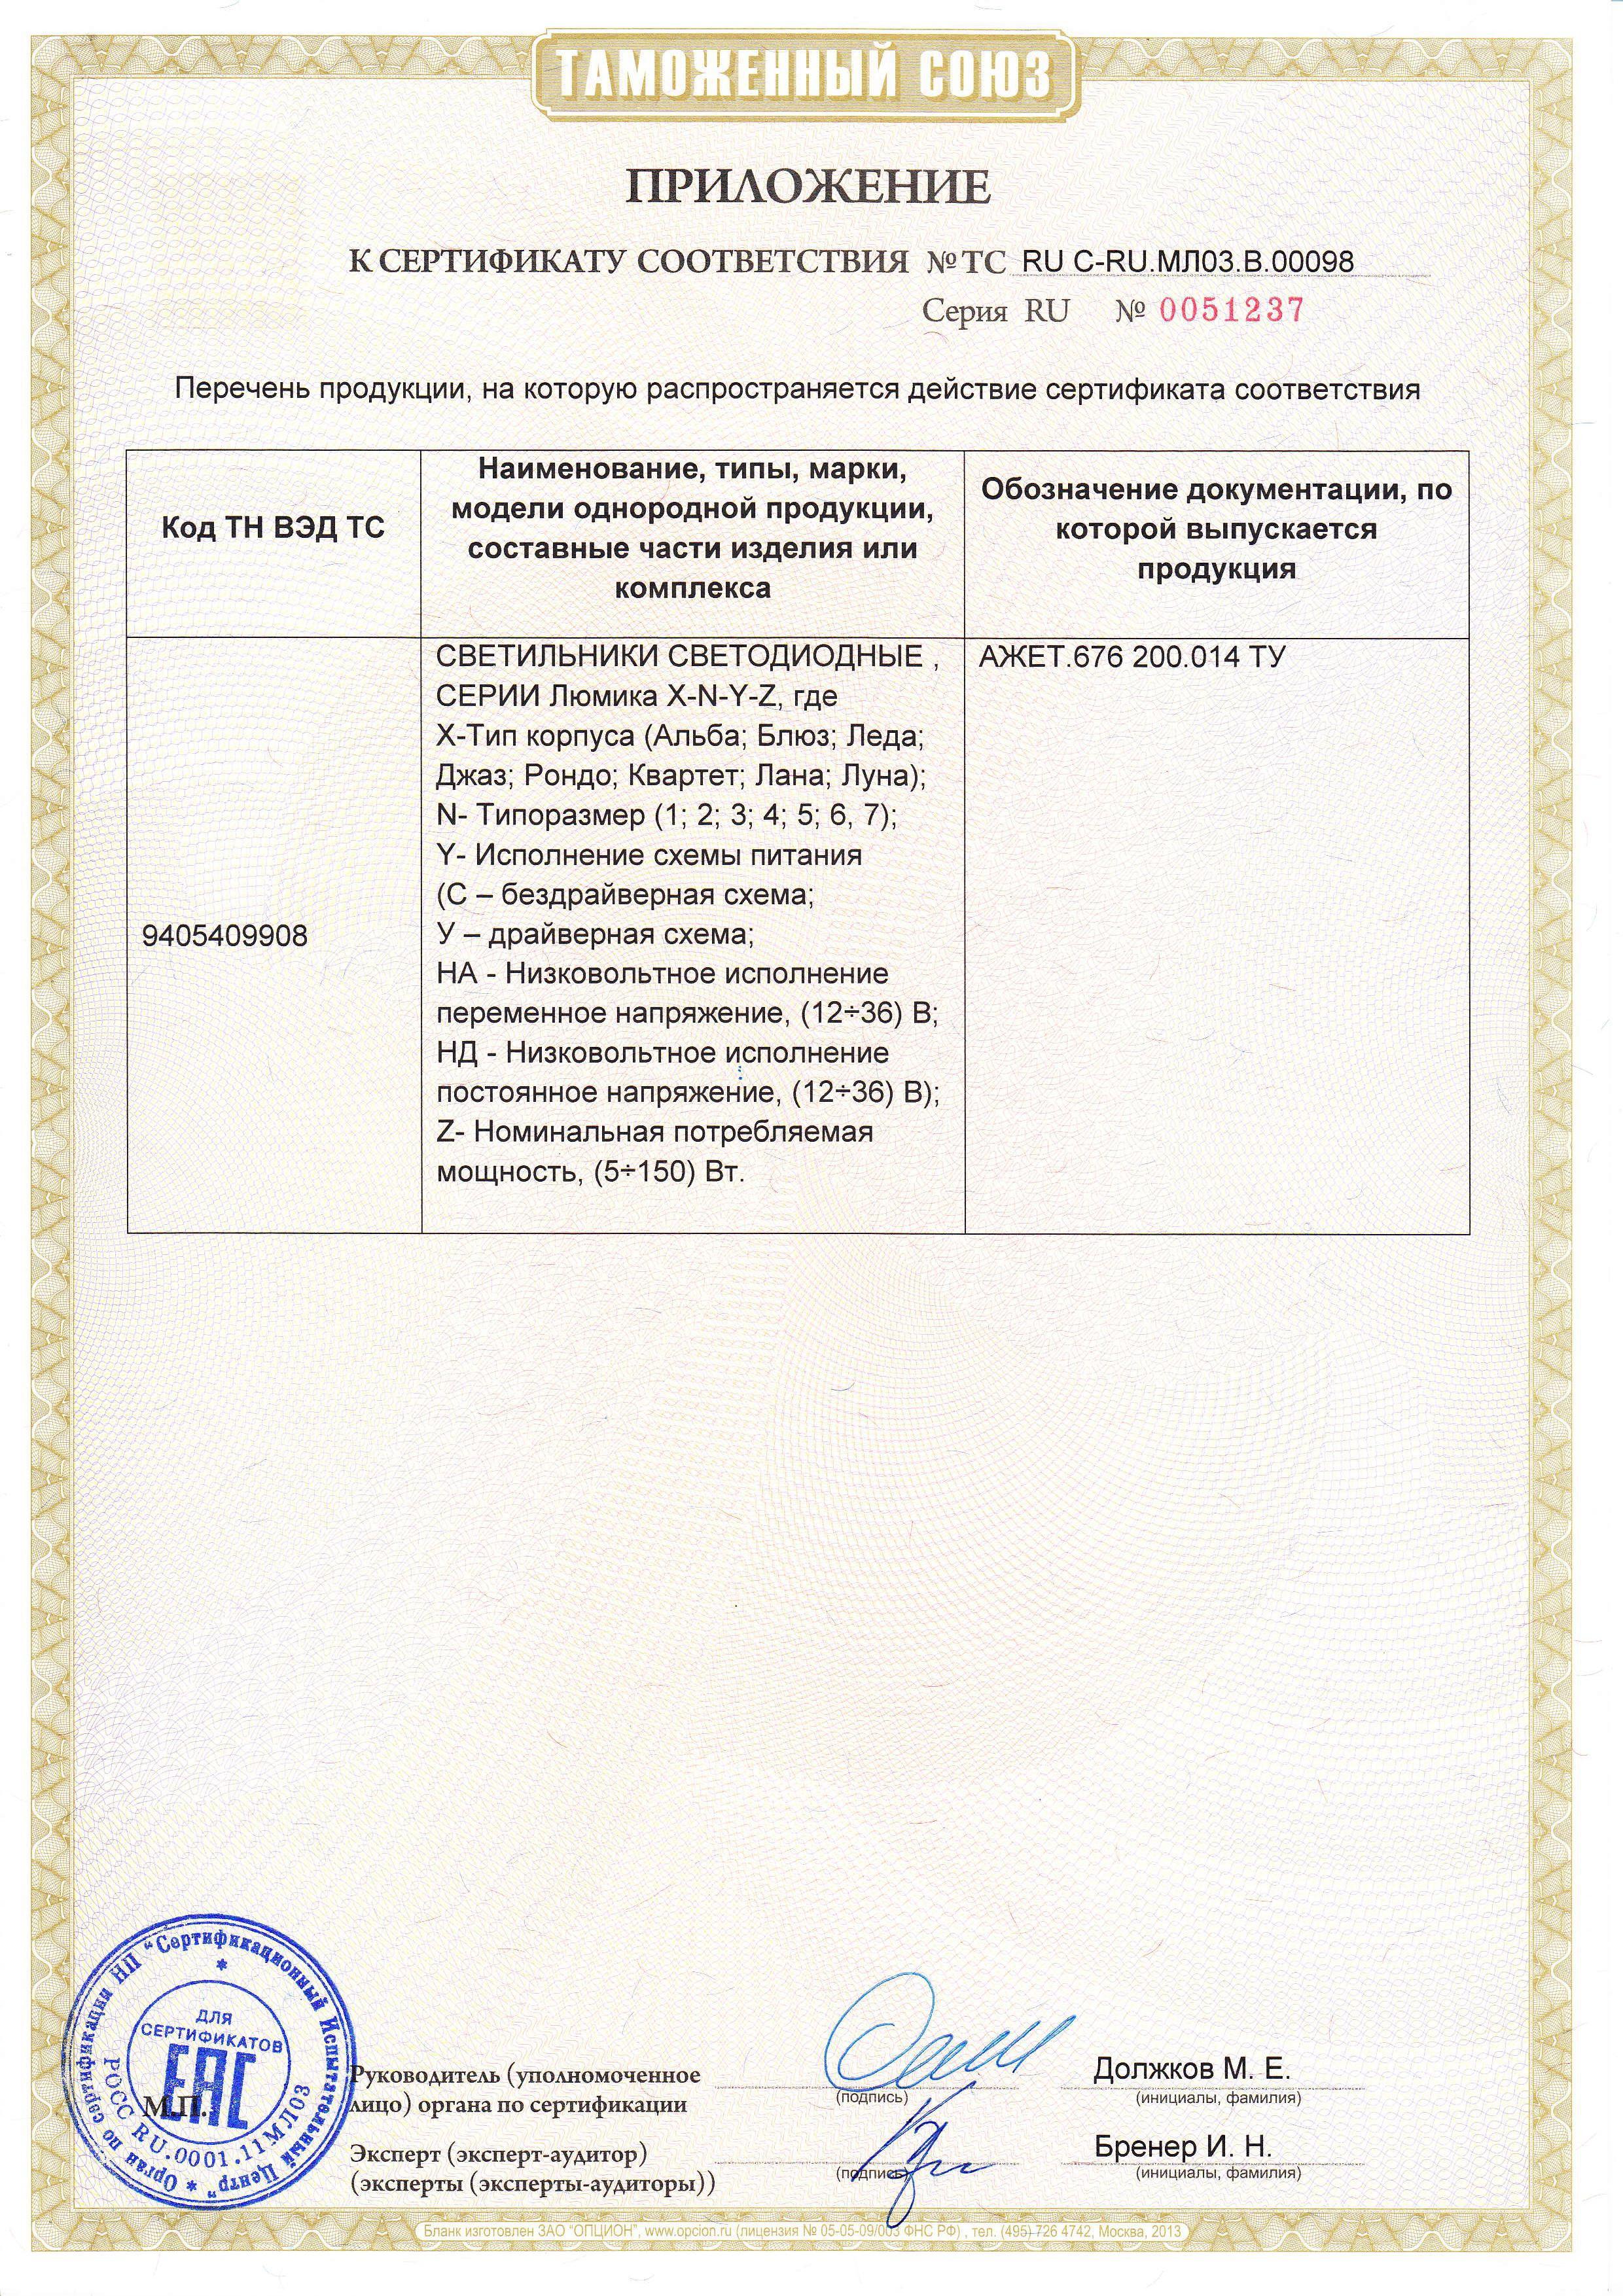 Приложение к сертификату таможенного союза на светодиодные светильники серии Люмика